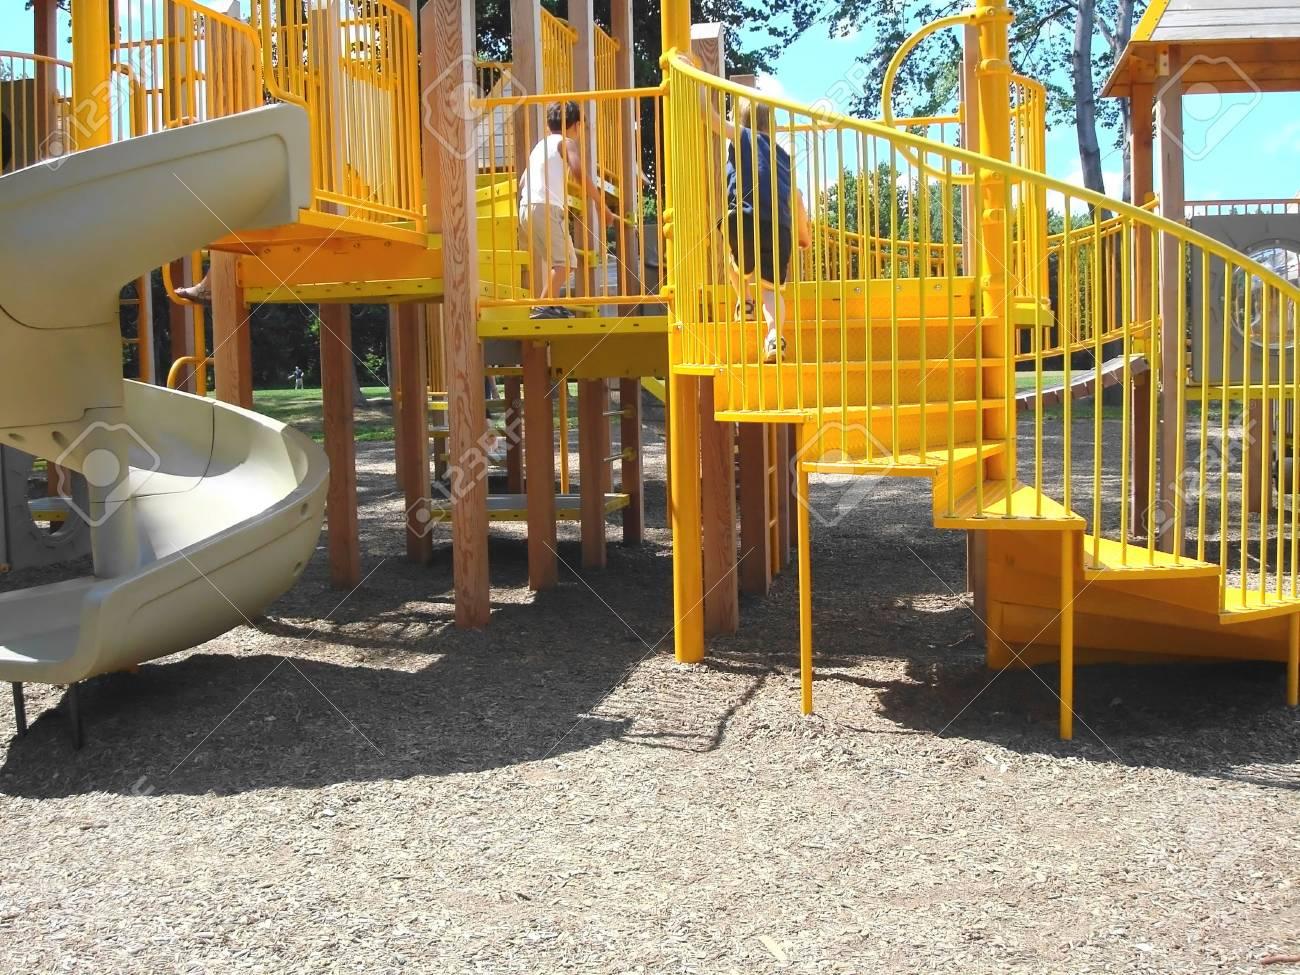 Klettergerüste Für Kinder : Spielplatz für kinder mit rutsche und klettergerüst